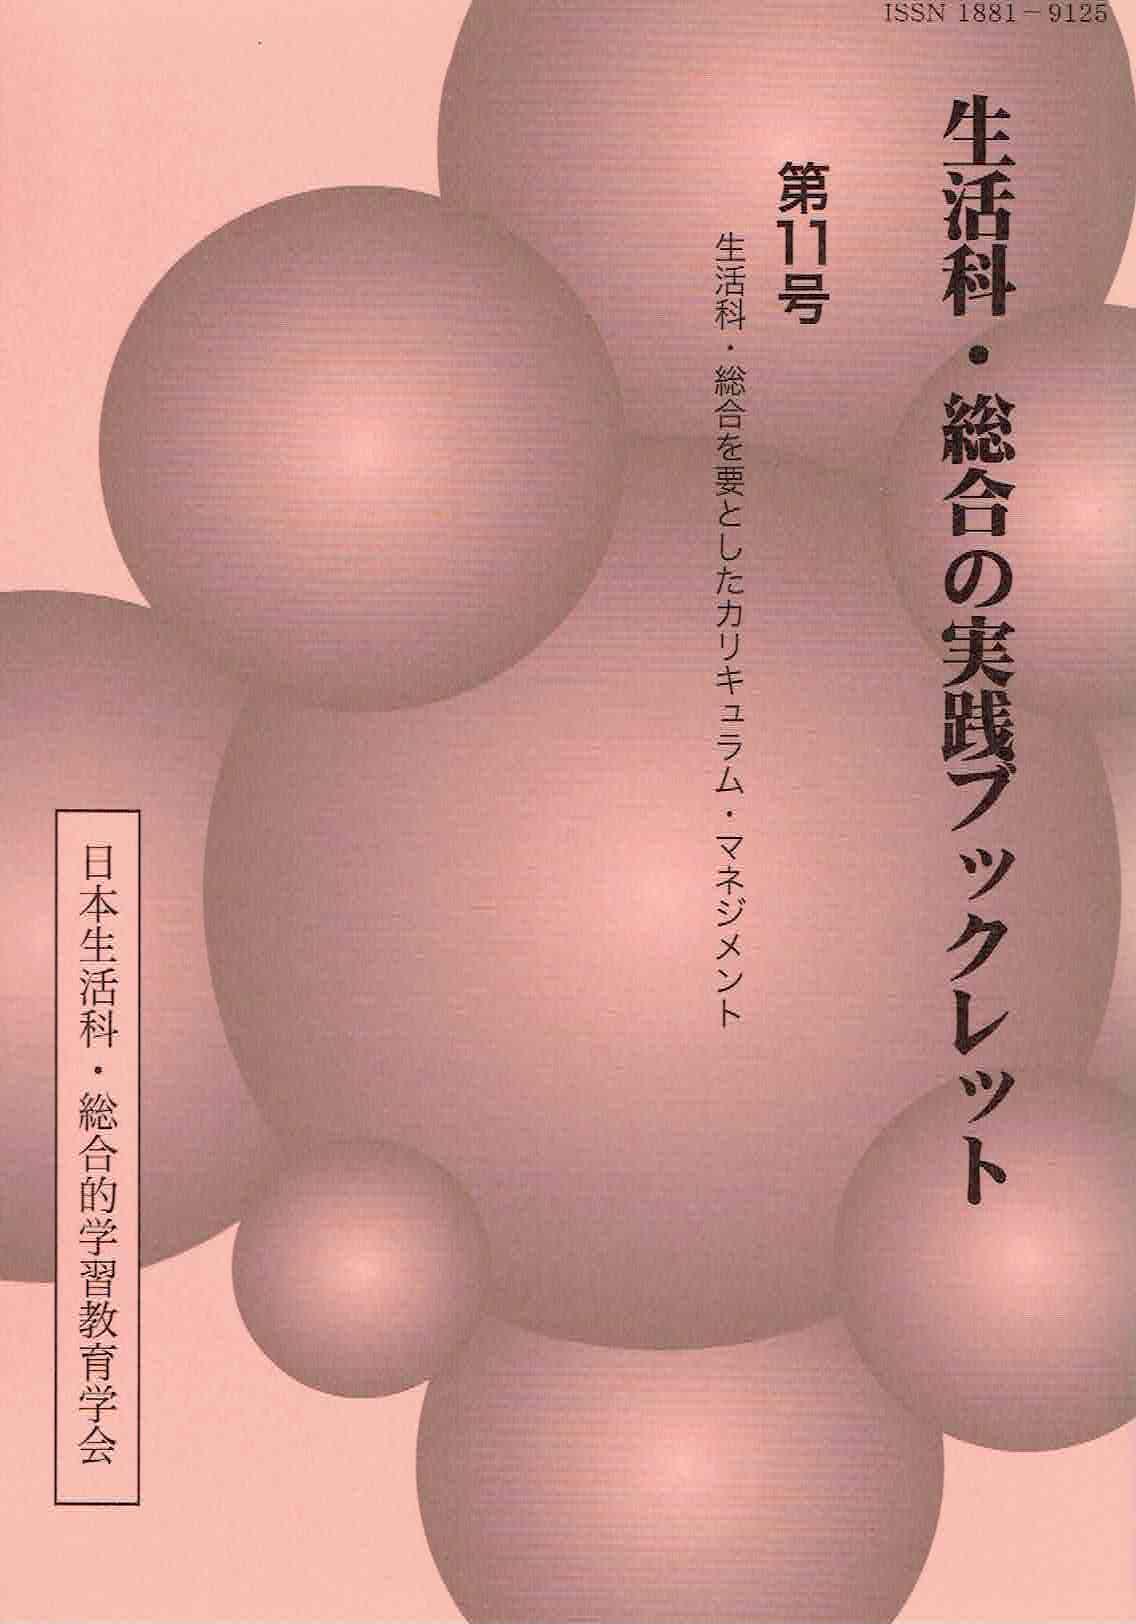 第11号(2017年6月発行)